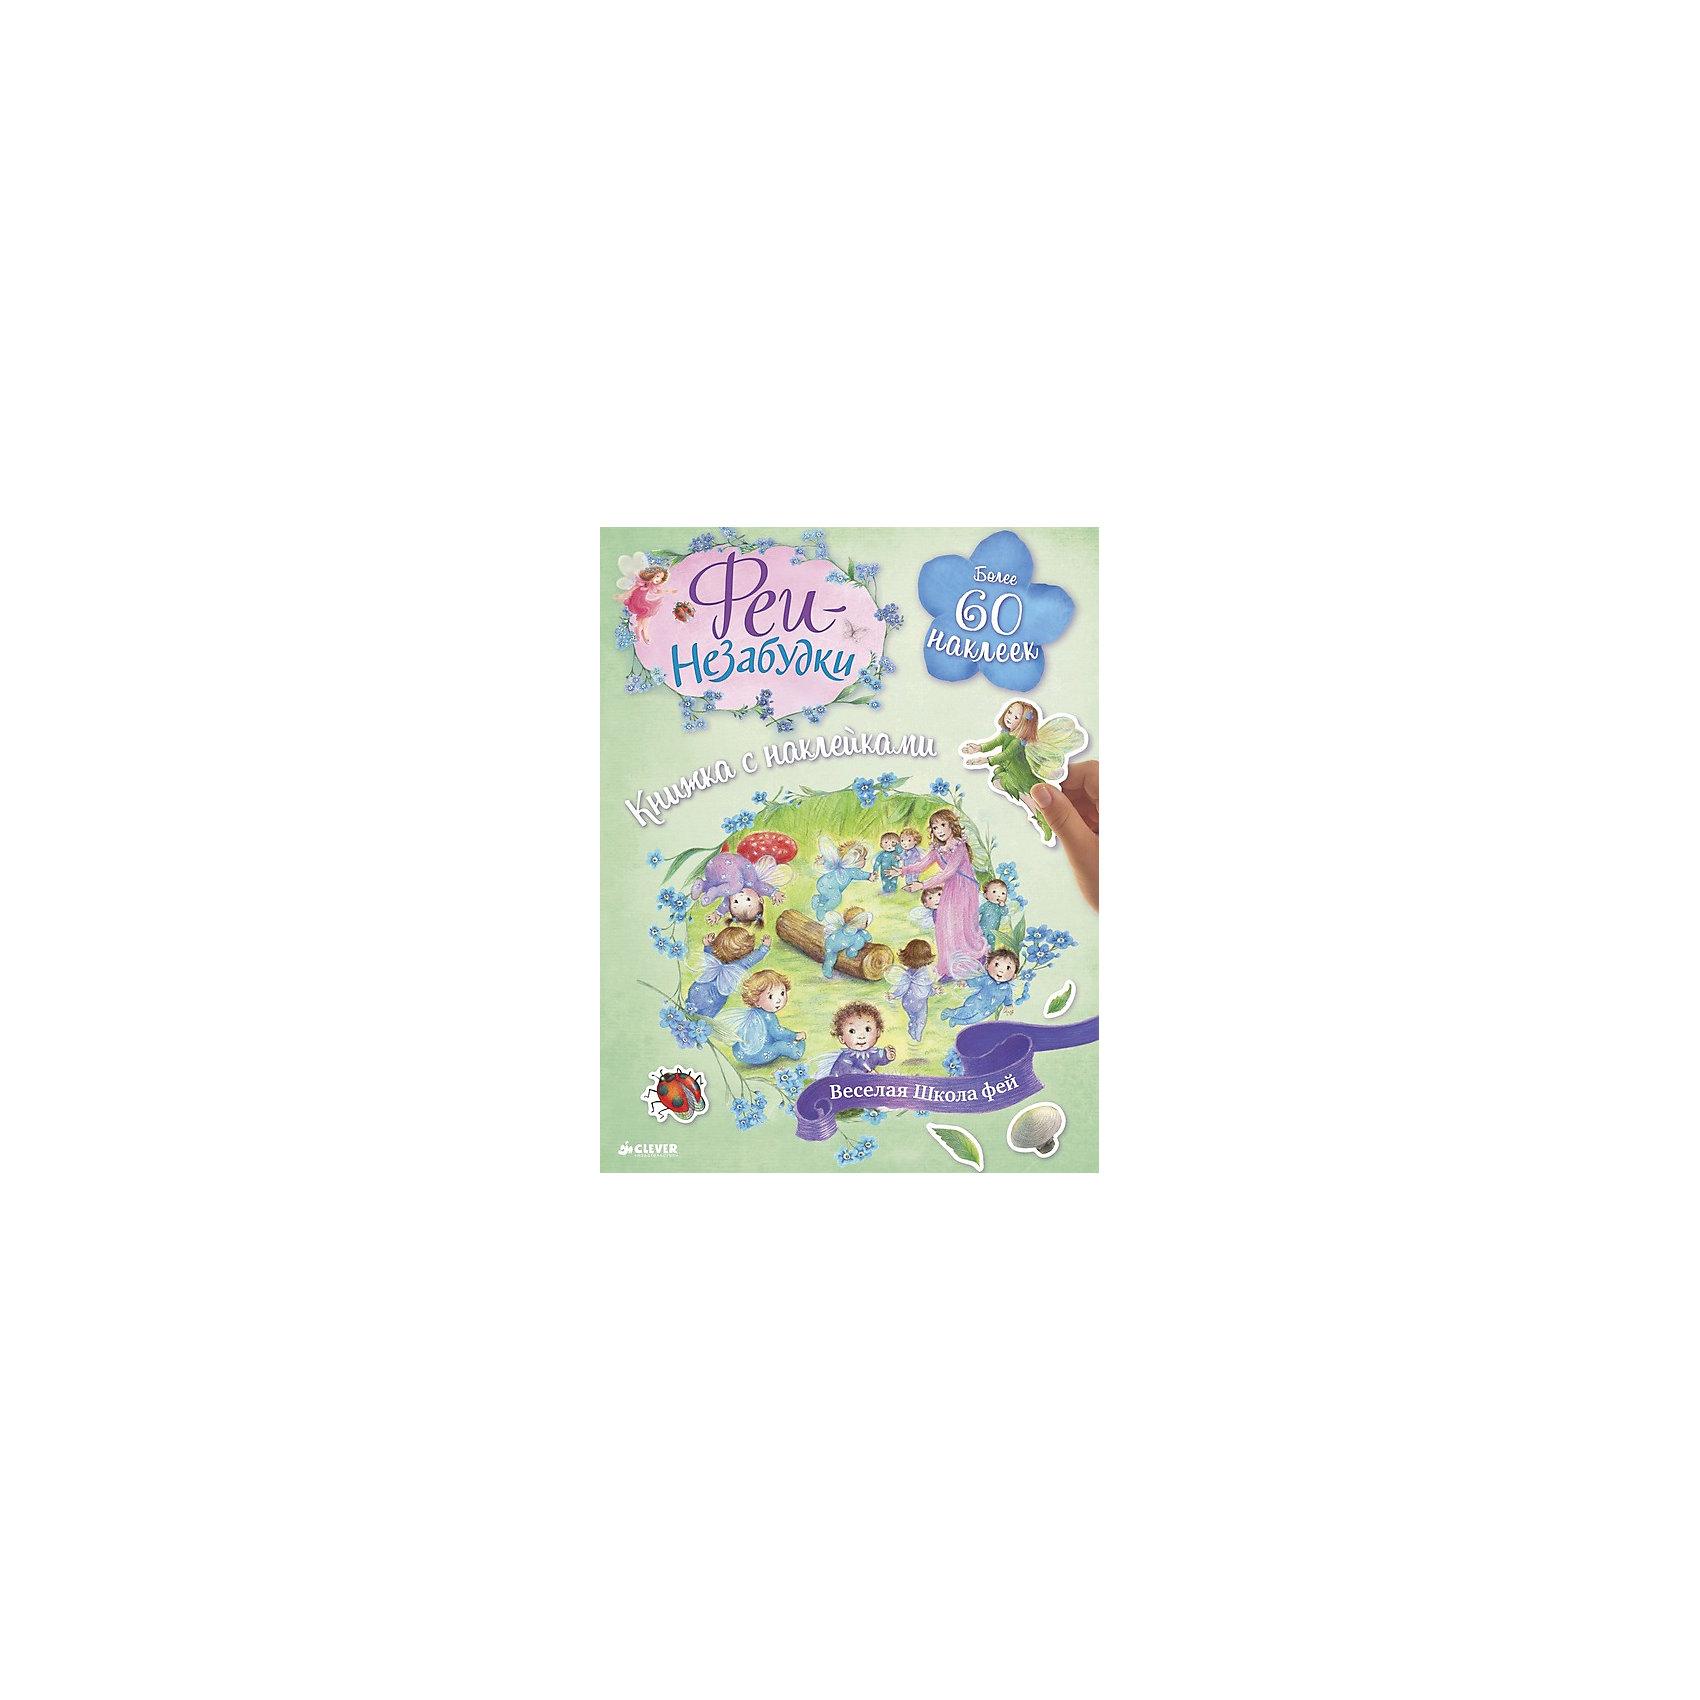 Книжка с наклейками Веселая школа фейКнижки с наклейками - достойная альтернатива раскраскам и стандартным книгам. Книжка Веселая школа фей станет потрясающим подарком для маленькой девочки. В сборнике вы найдете увлекательные истории, яркие картинки и сказочные наклейки. Данная книга - это удобный формат, интересные задания и эффективный способ для ребенка провести время с пользой! Интеллект и способности ребенка нужно развивать - и тогда он в дальнейшем сможет освоить больше полезных навыков и знаний. Сделать это занятие интересным и легким поможет данное издание.<br>В нем с помощью занимательных заданий опытные педагоги помогают детям развить навыки мышления, необходимые дошкольникам. Они развивают ещё и внимательность и логику. Очень интересные задания, которые надо выполнить с помощью наклеек, помогут развить координация движений.<br><br>Дополнительная информация:<br><br>формат: 22 х 28 см<br>страниц: 16;<br>в компекте - наклейки.<br><br>Книжку с наклейками Веселая школа фей можно приобрести в нашем магазине.<br><br>Ширина мм: 275<br>Глубина мм: 210<br>Высота мм: 5<br>Вес г: 100<br>Возраст от месяцев: 48<br>Возраст до месяцев: 72<br>Пол: Унисекс<br>Возраст: Детский<br>SKU: 4976107